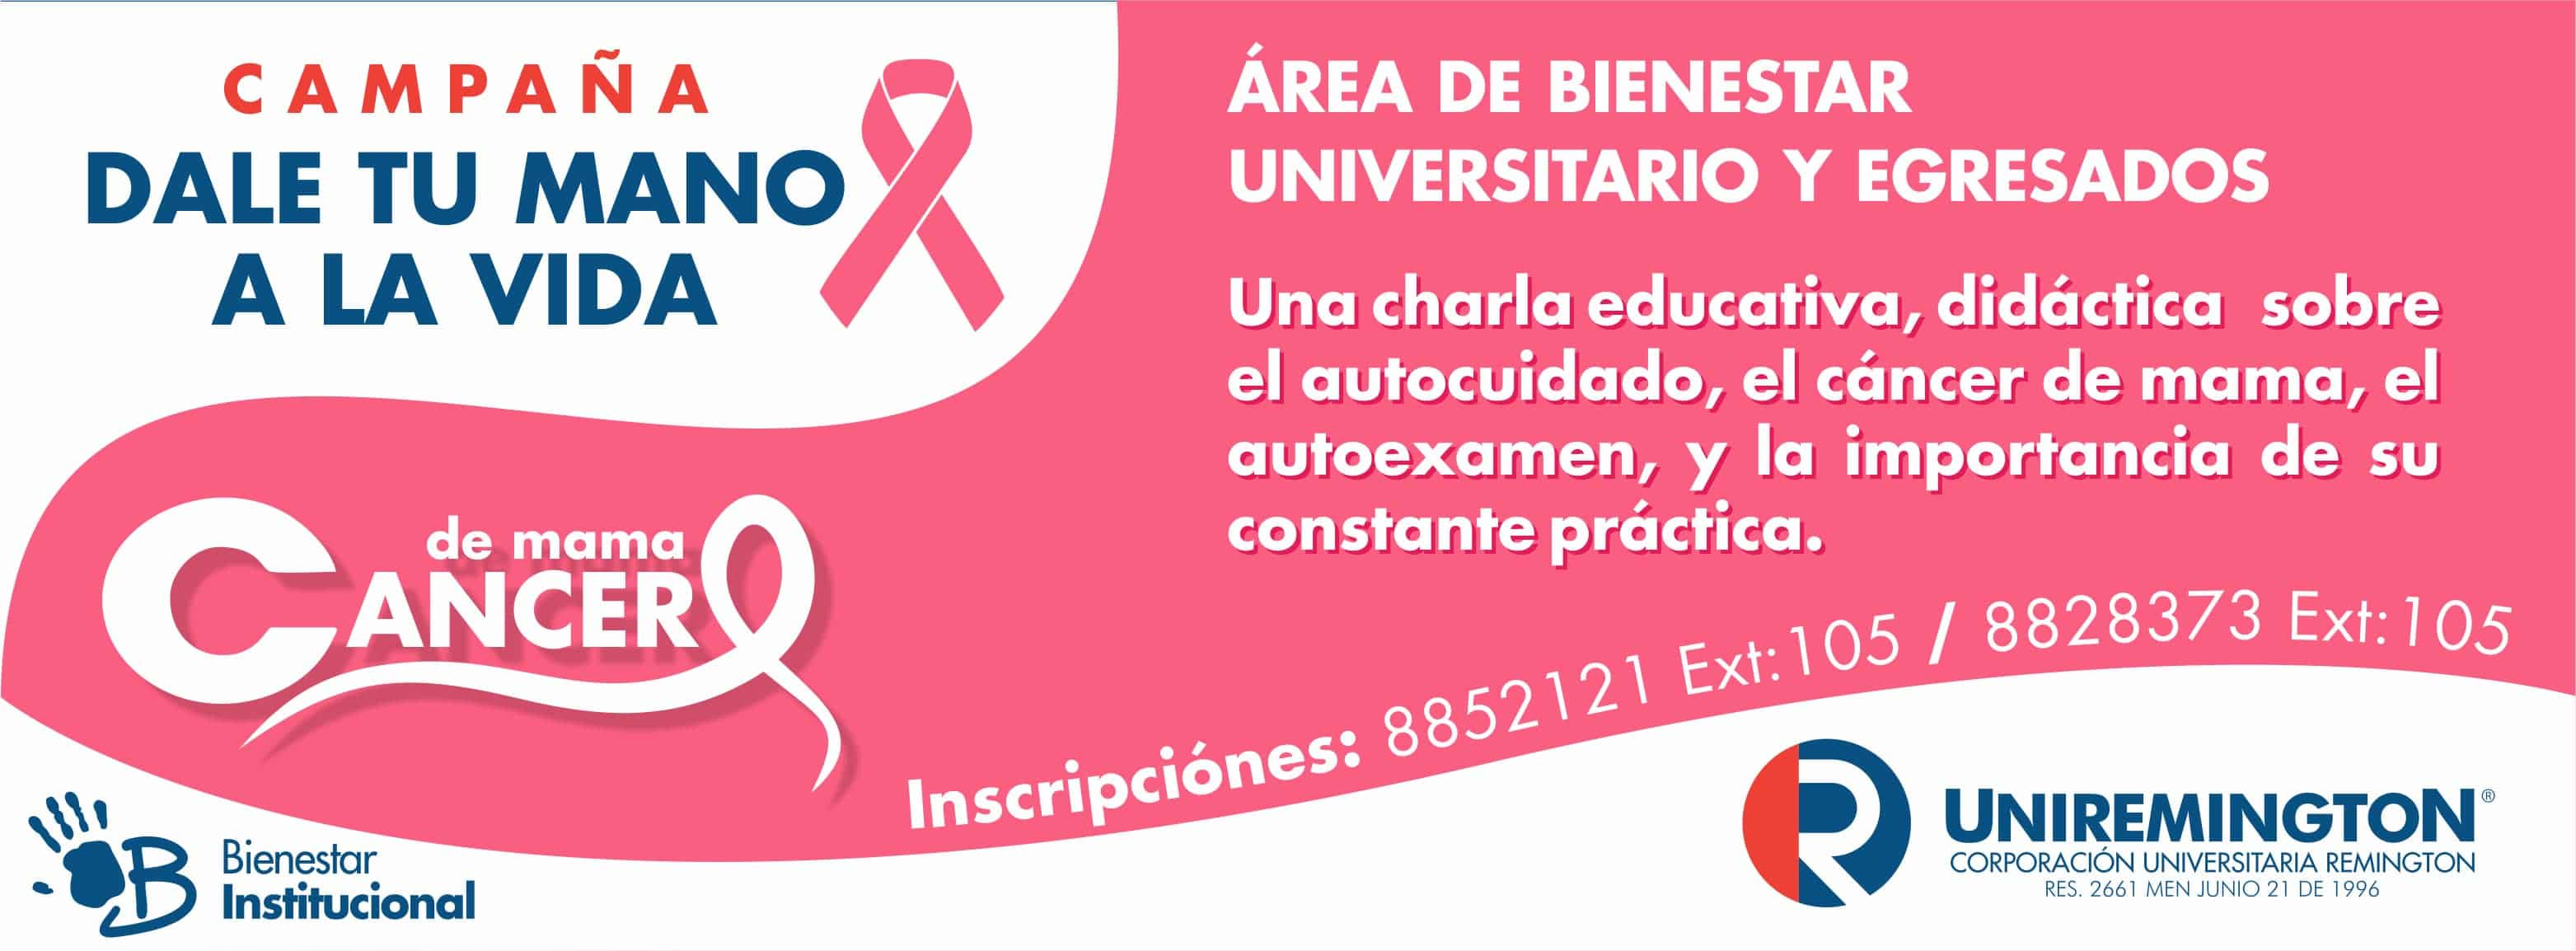 campaña-cancer-de-mama